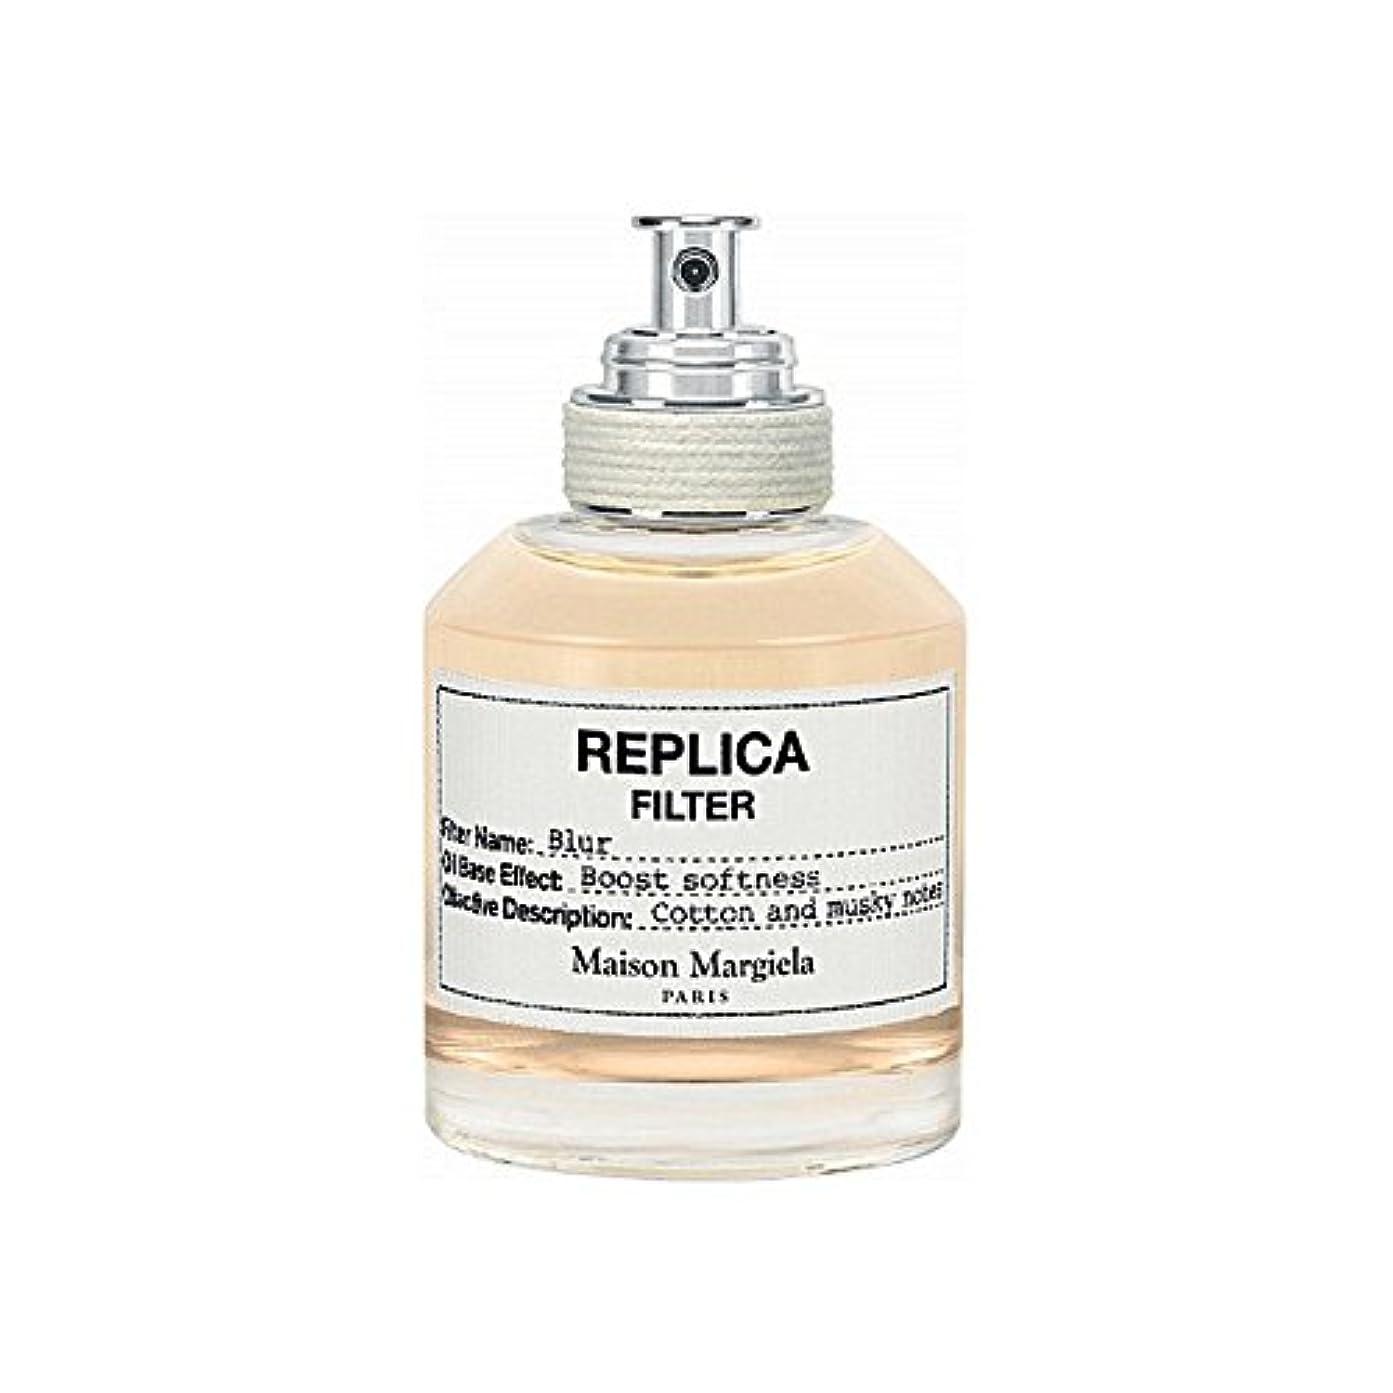 読書バウンスメゾンマルジェラのぼかしレプリカフィルタ50ミリリットル x4 - Maison Margiela Blur Replica Filter 50ml (Pack of 4) [並行輸入品]